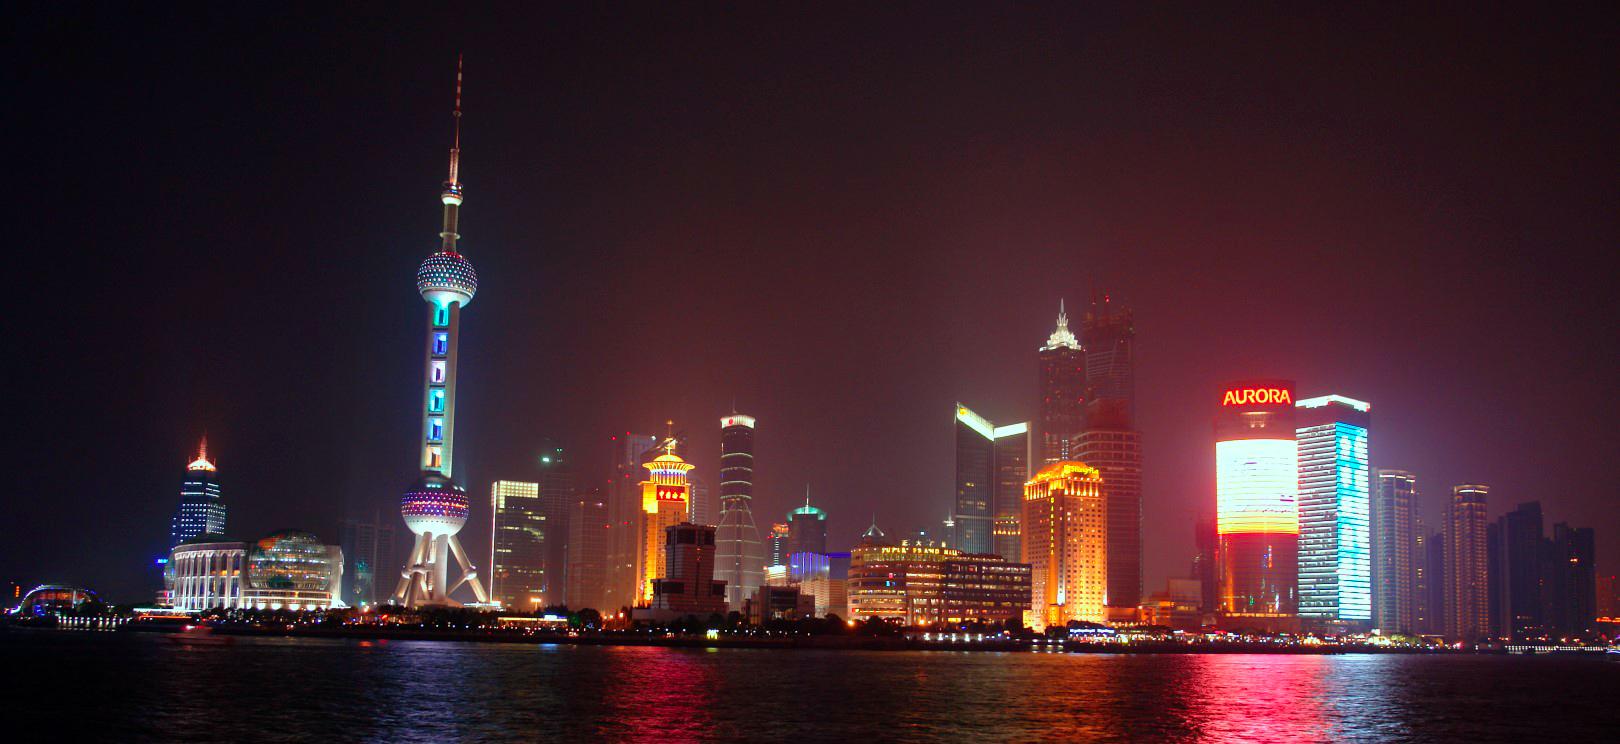 qué ver en Shanghai, China qué ver en shanghai - 31714496434 bdb32fc7af o - Qué ver en Shanghai, China